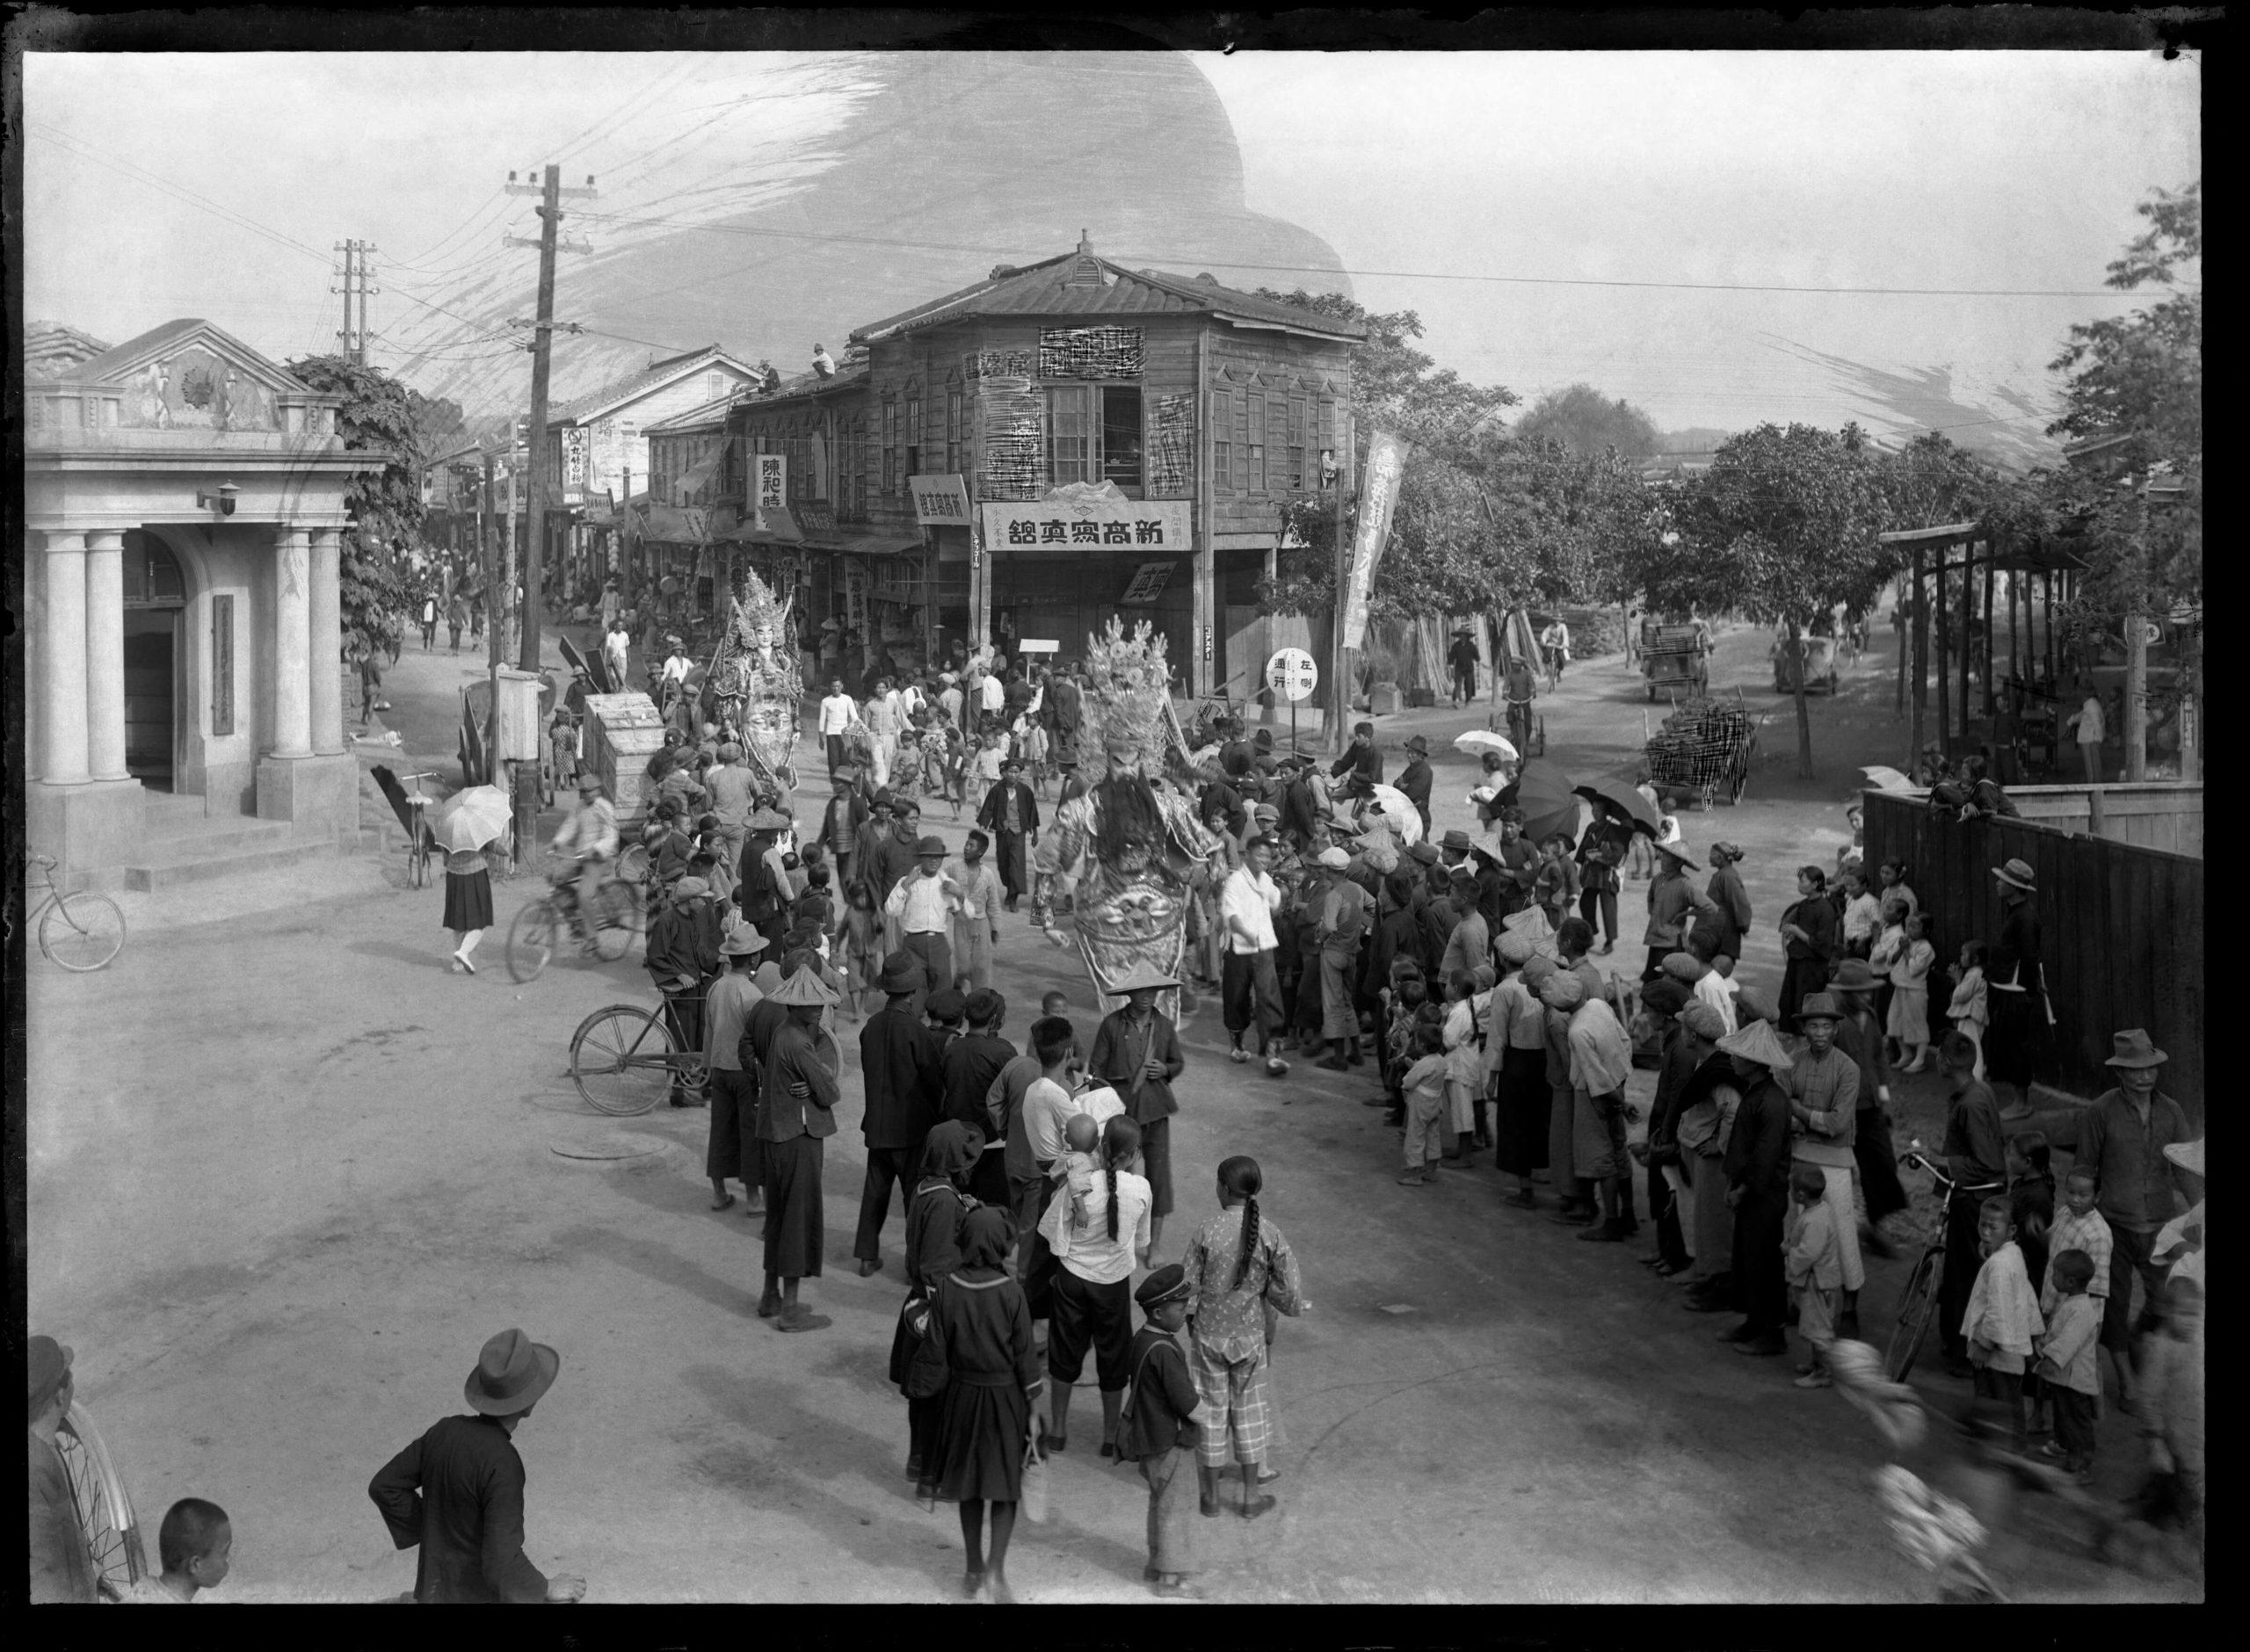 嘉義市立美術館:《捕風景的人—方慶綿的影像與復返》